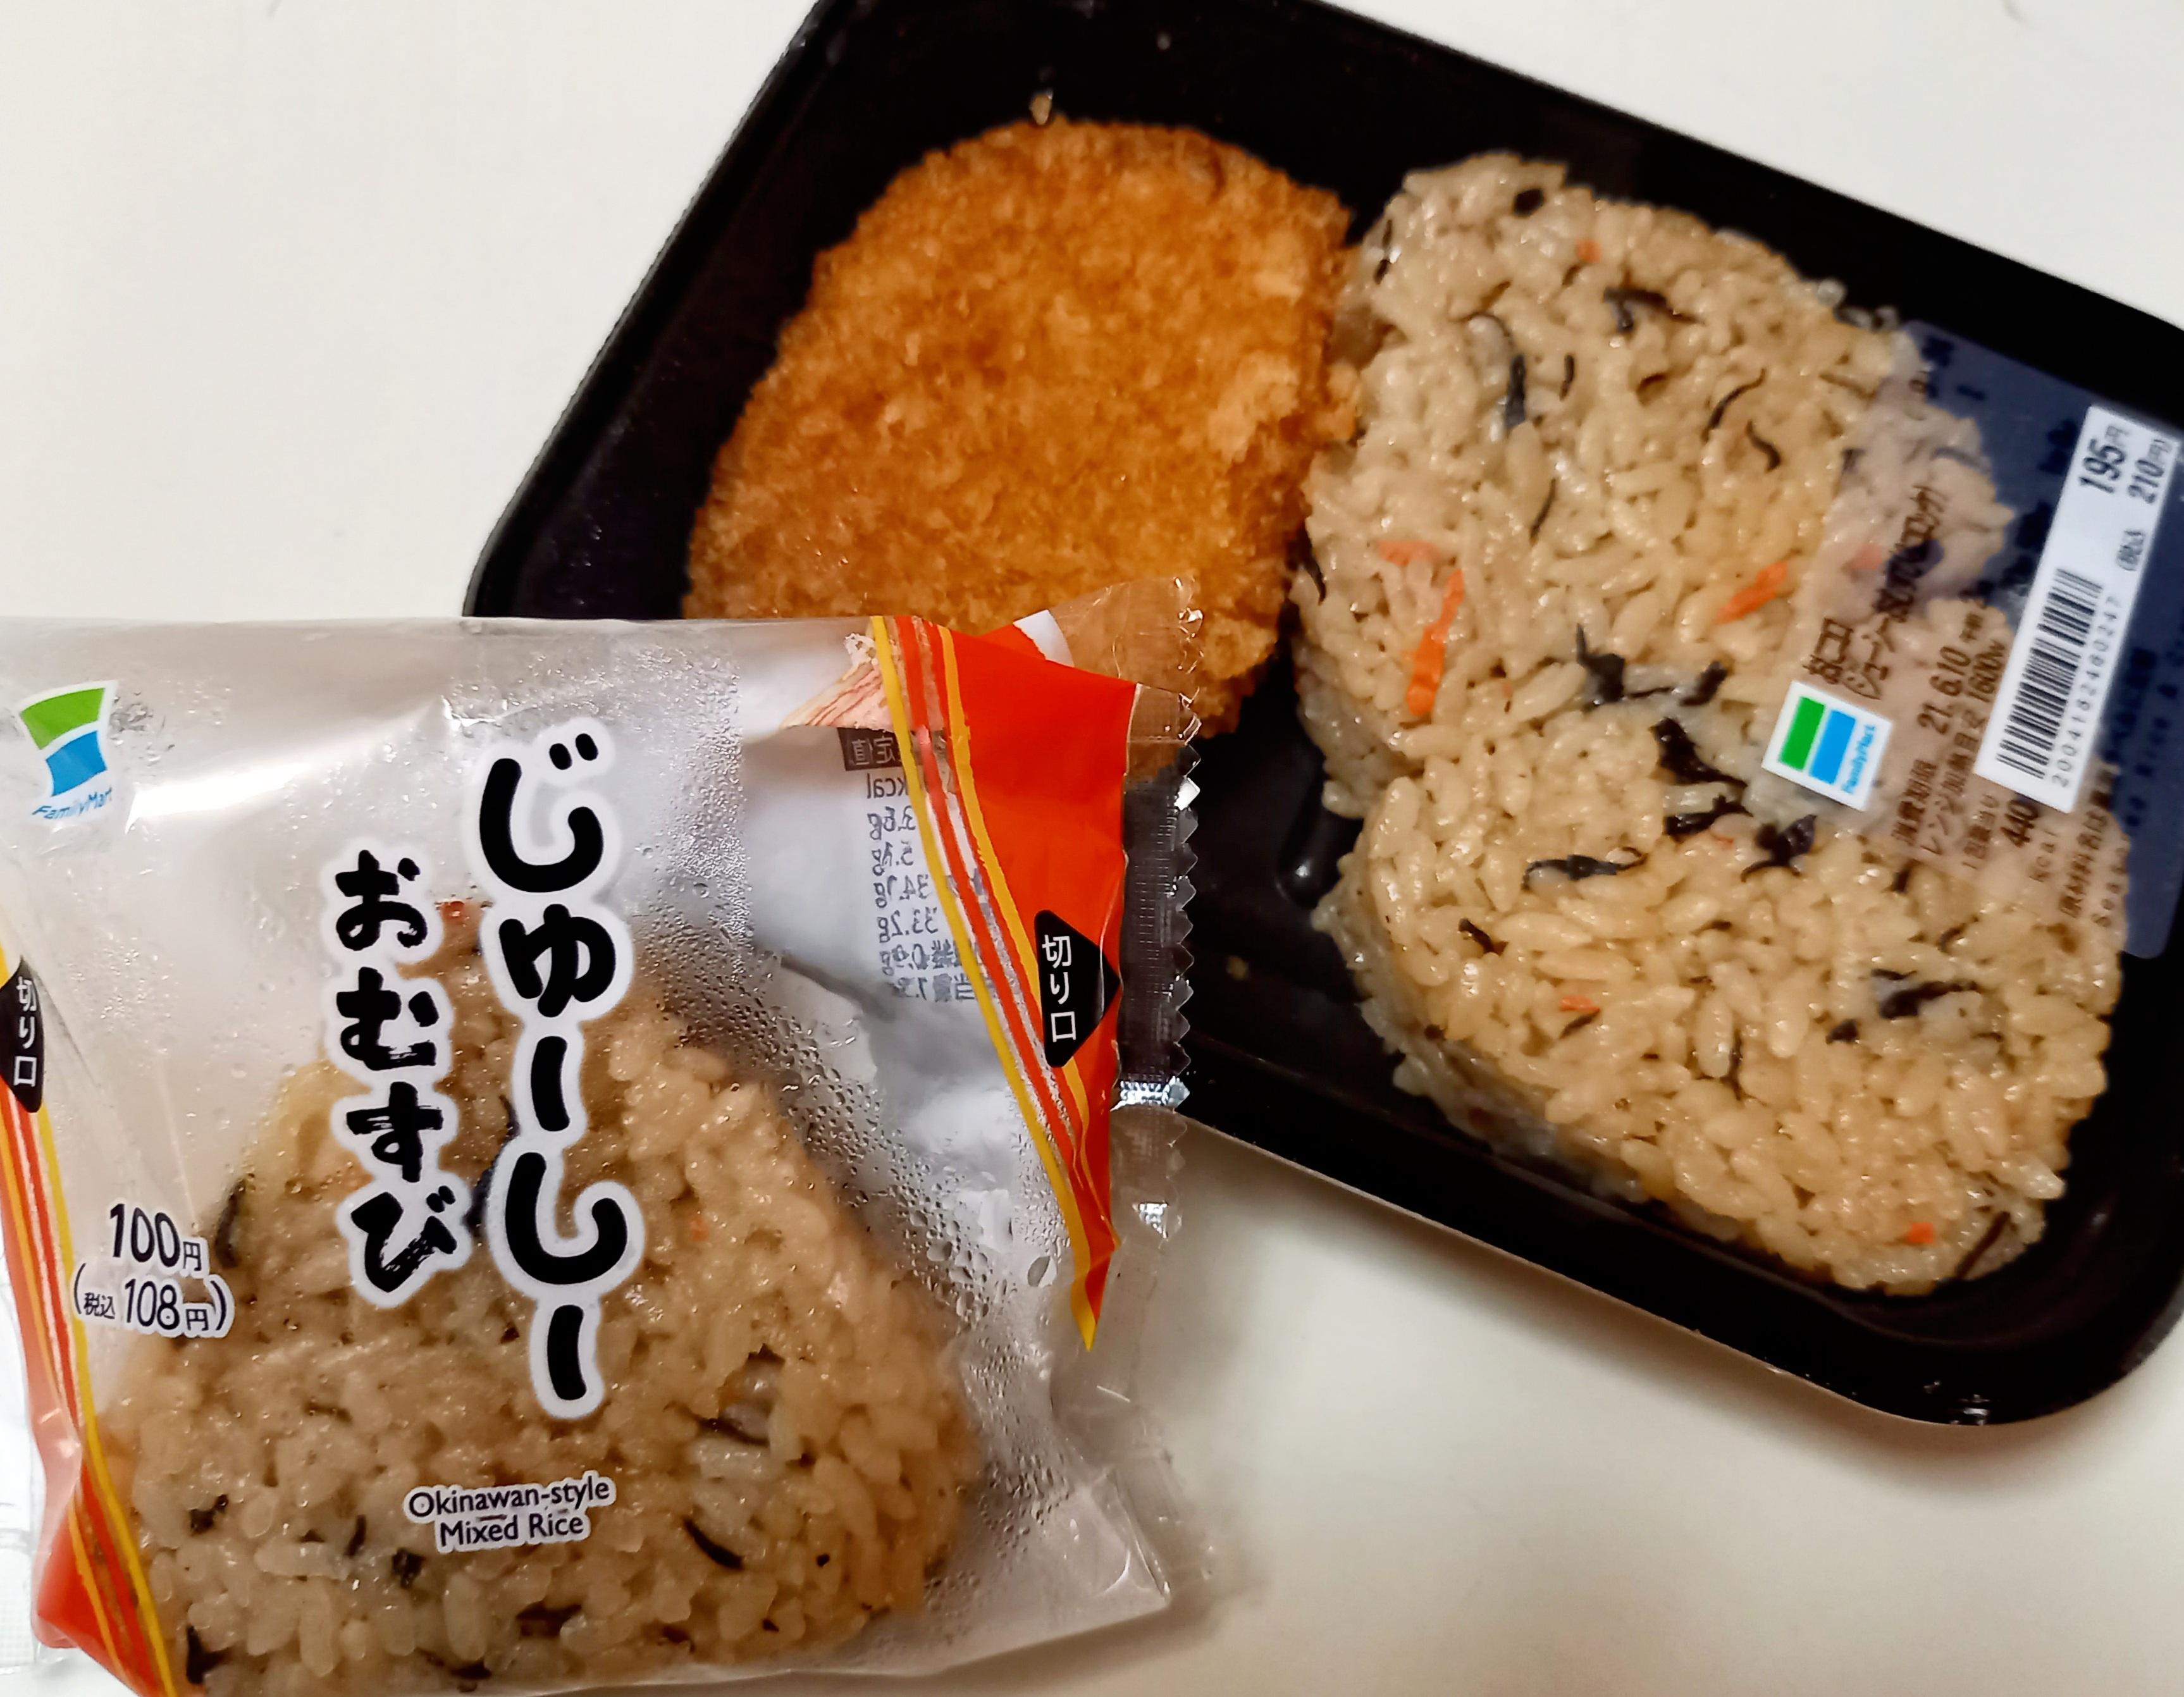 沖縄伝統料理「ジューシー」のいろいろ